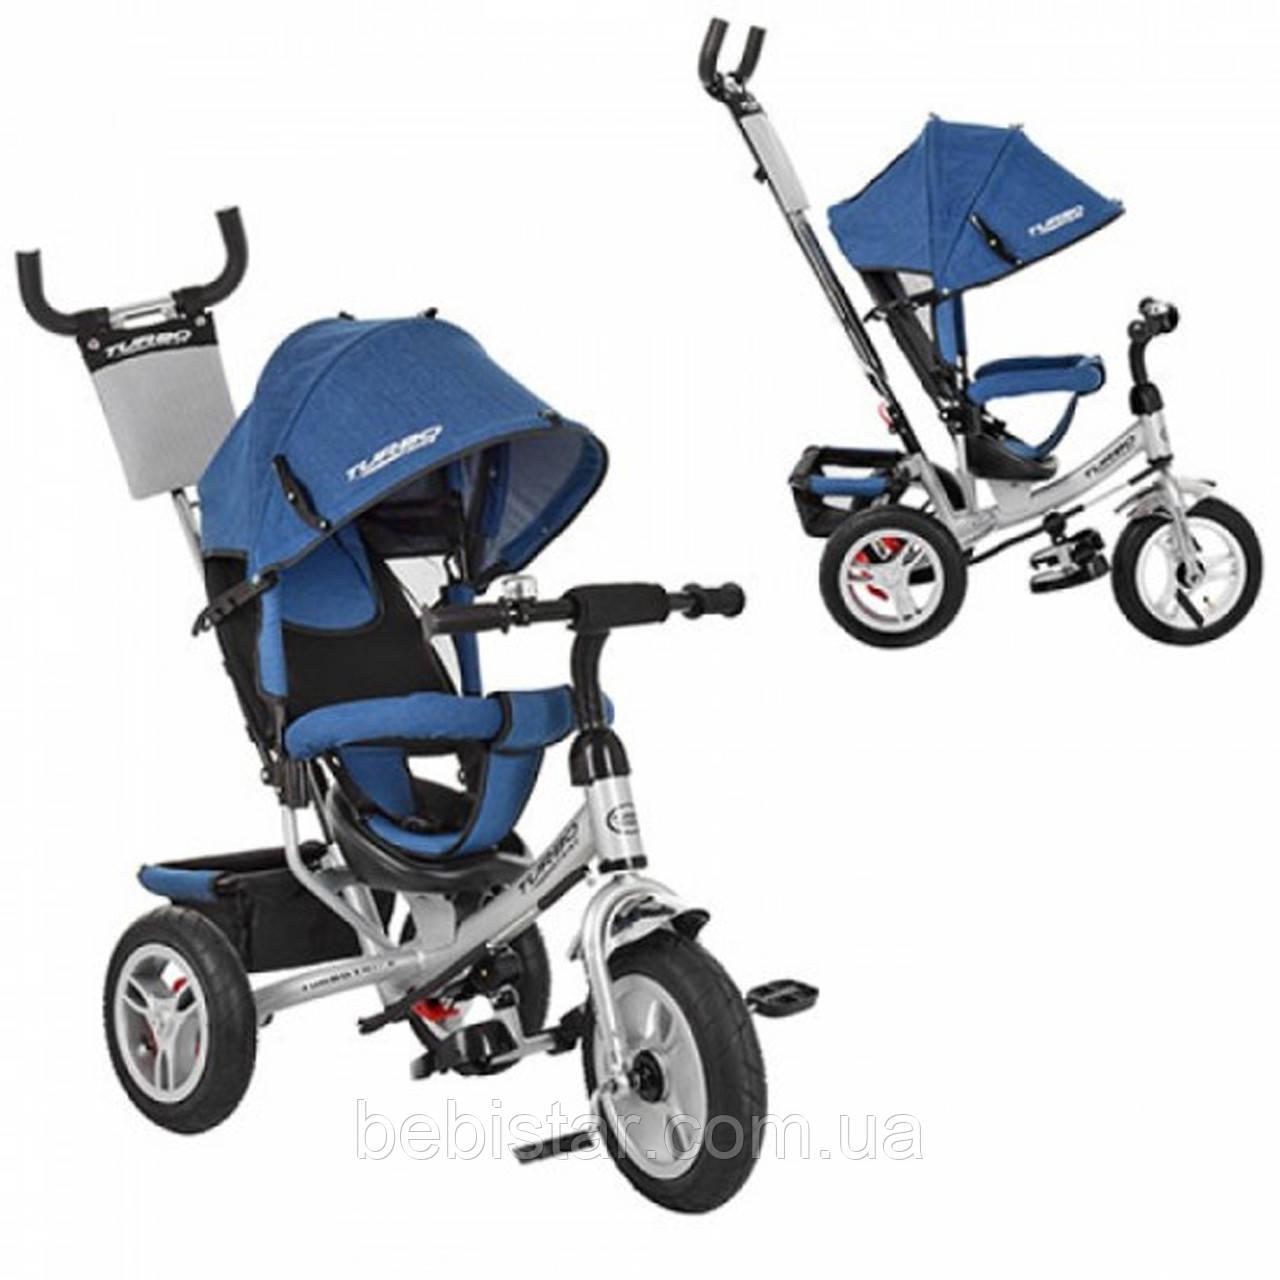 Детский трехколесный велосипед Turbo Trike надувные колеса цвет: джинс металлик